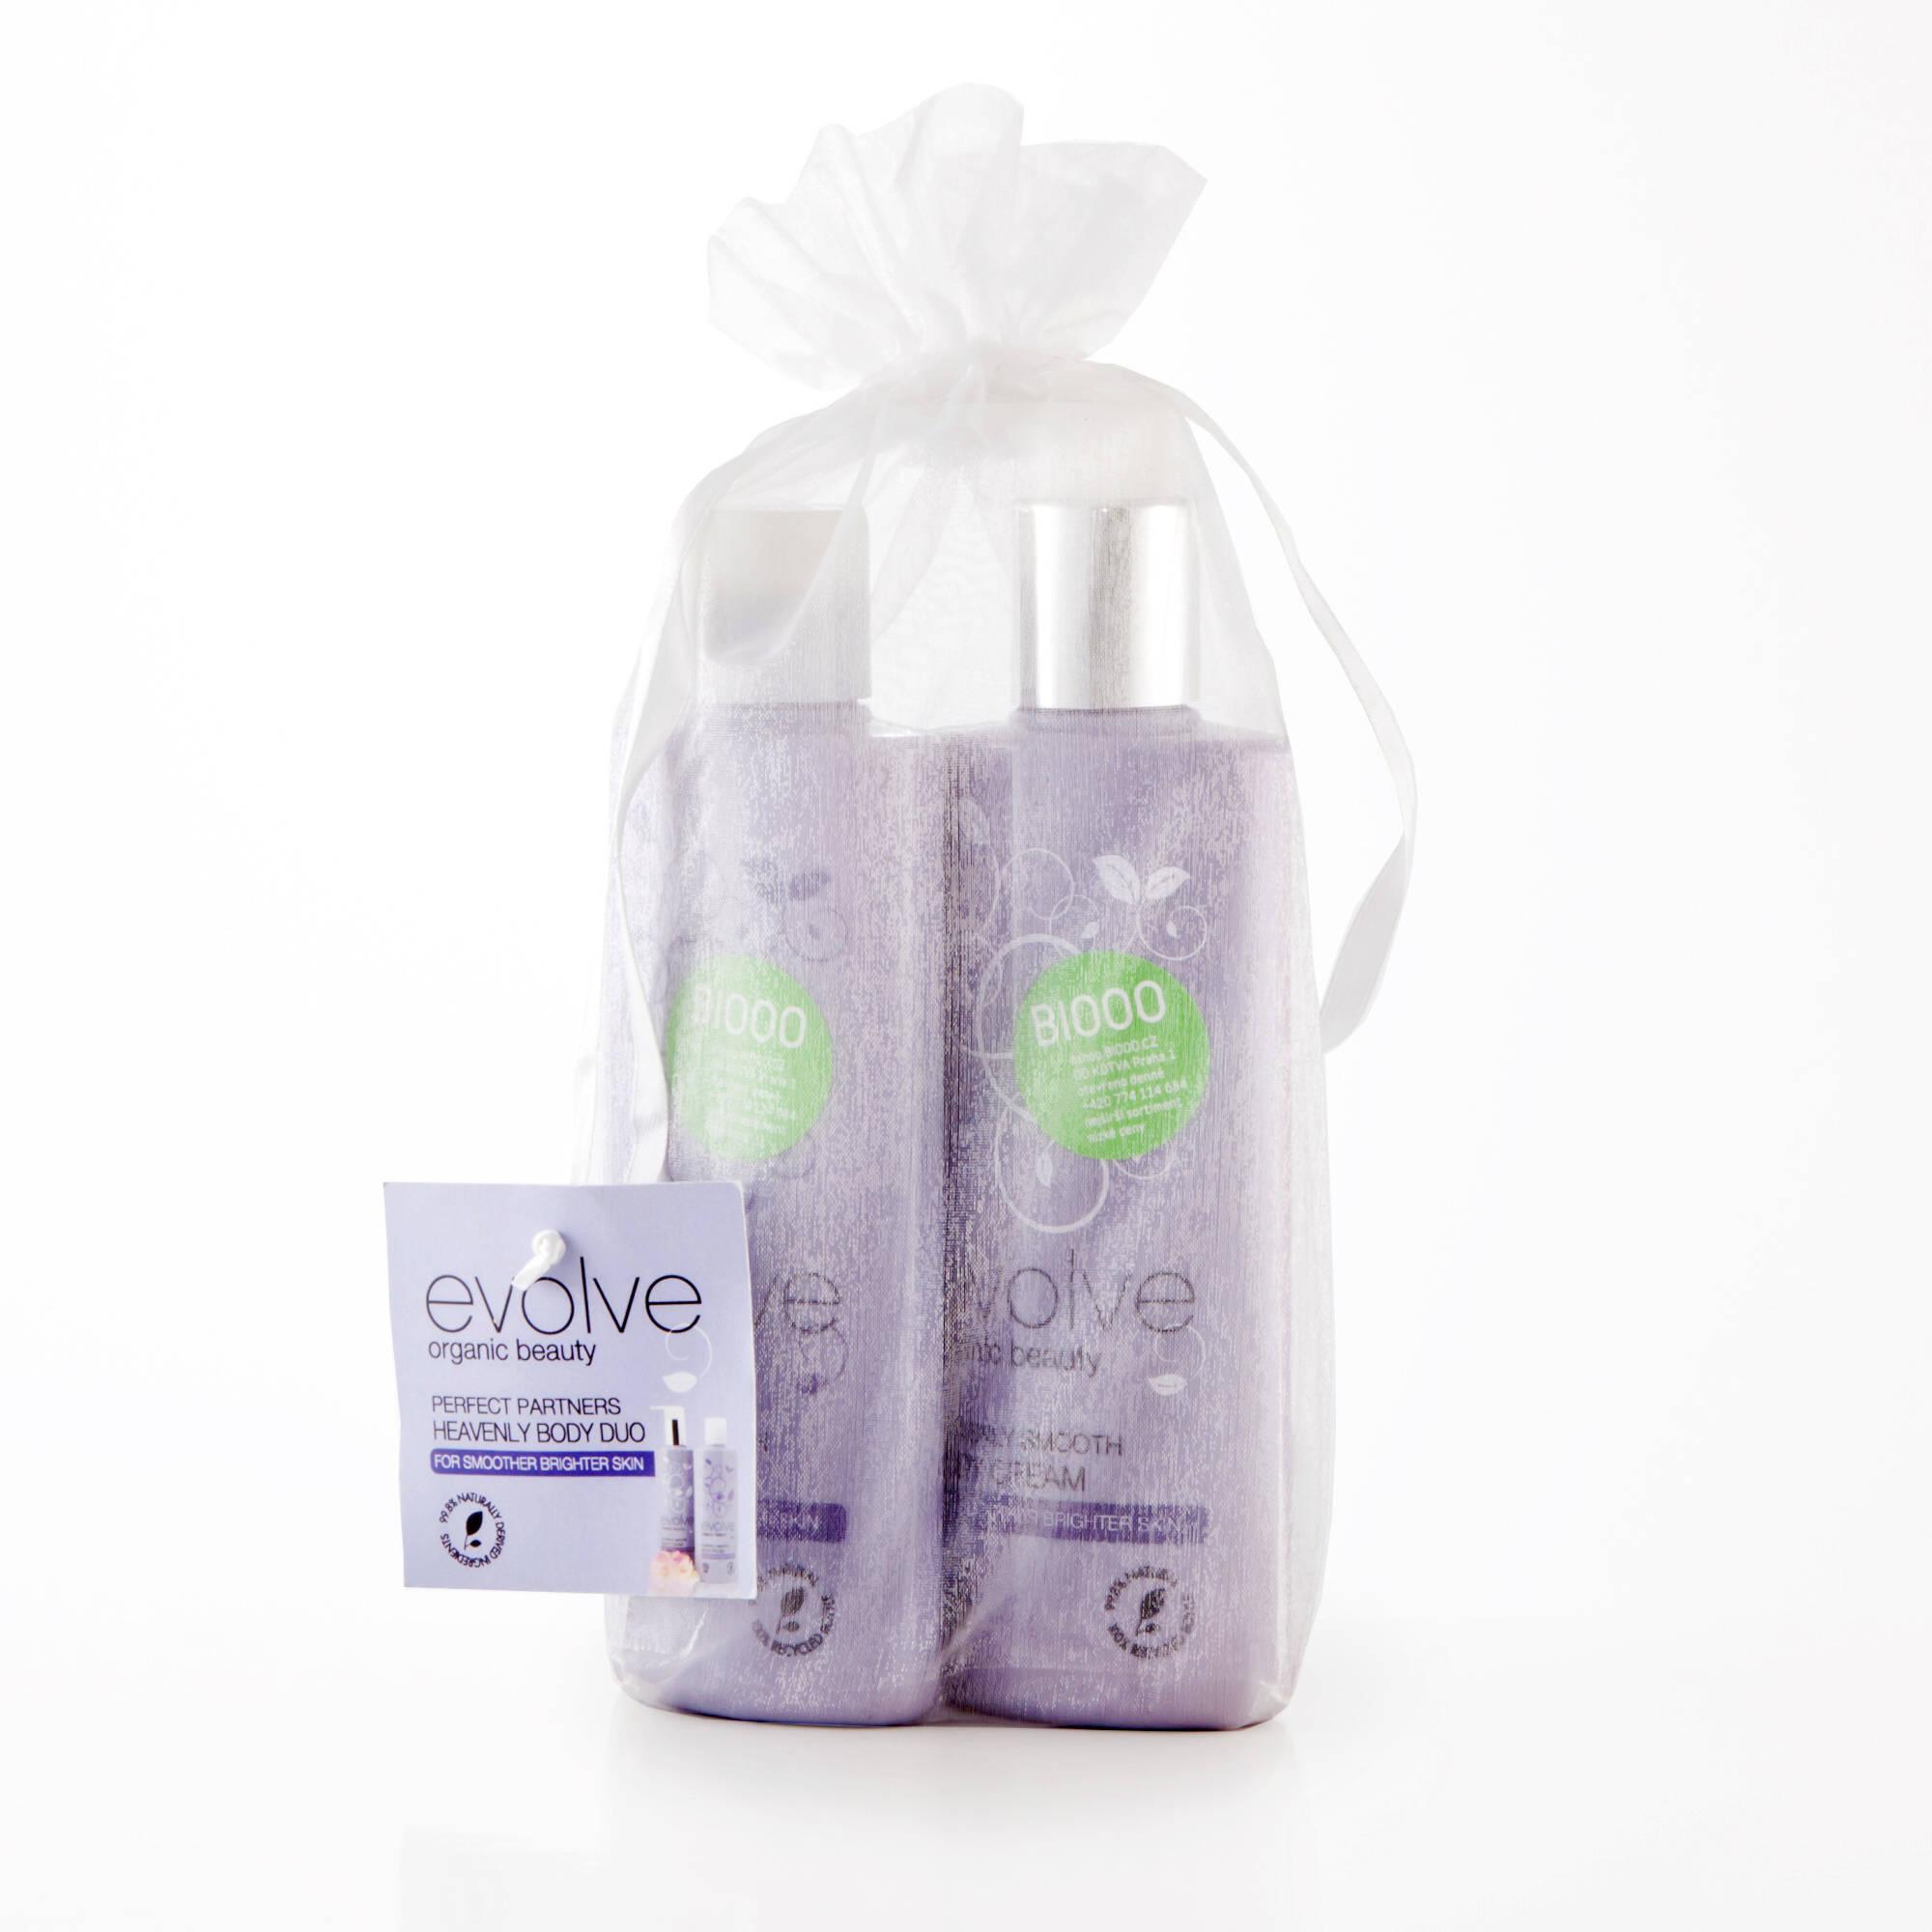 Evolve  Dokonalý pár tělové péče Heavenly Body Duo 2 x 200 ml